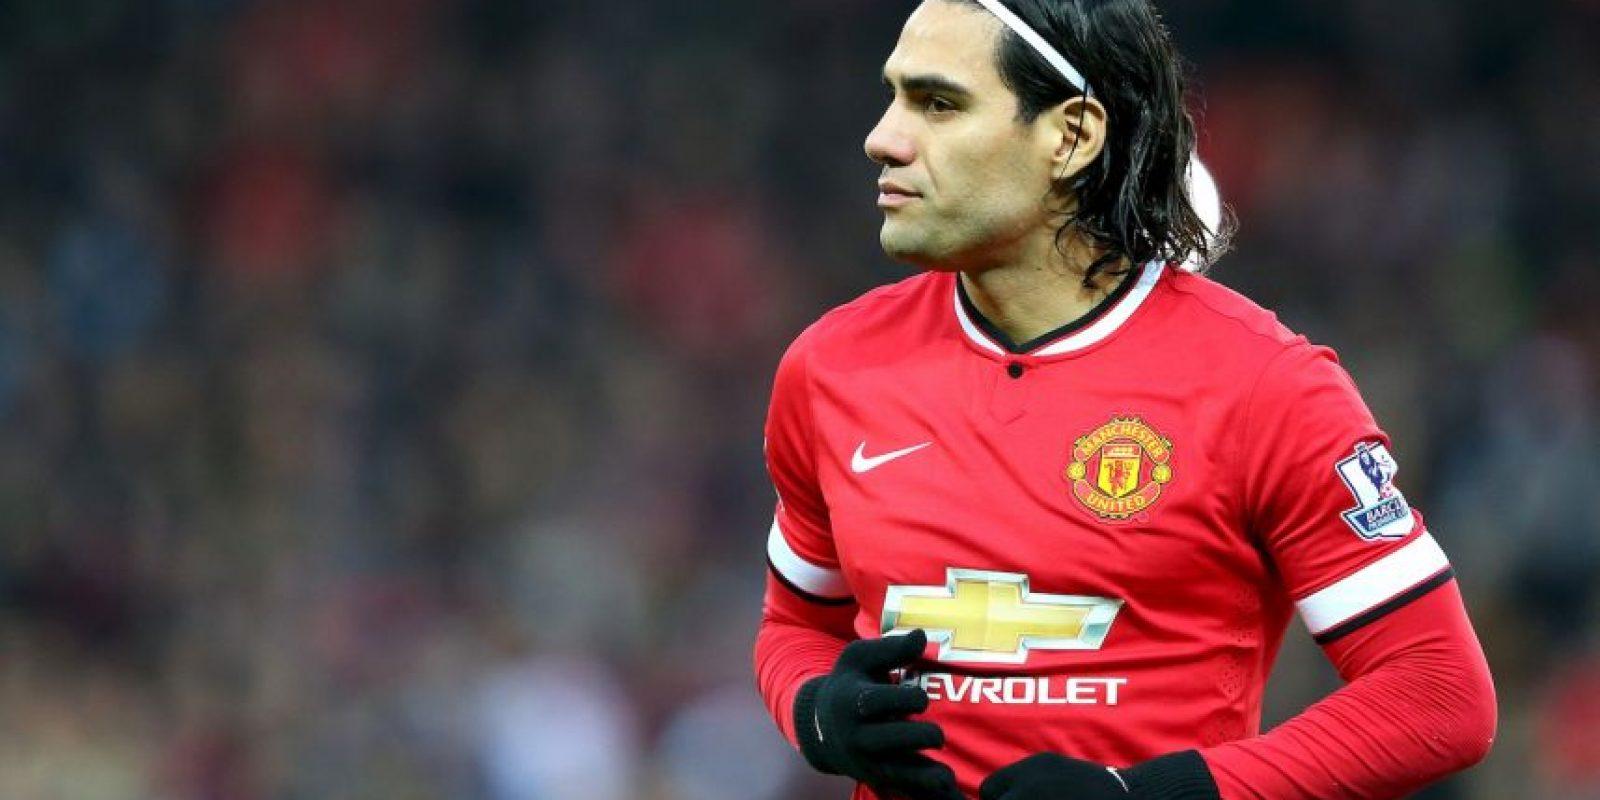 Solo ha marcado cuatro goles con el United Foto:Getty Images